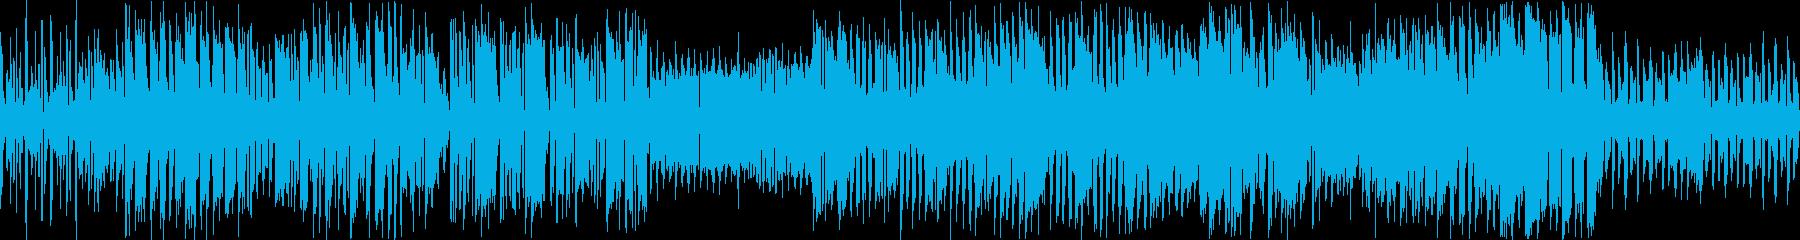 ゲーム向け明るいチップチューン。ループ可の再生済みの波形